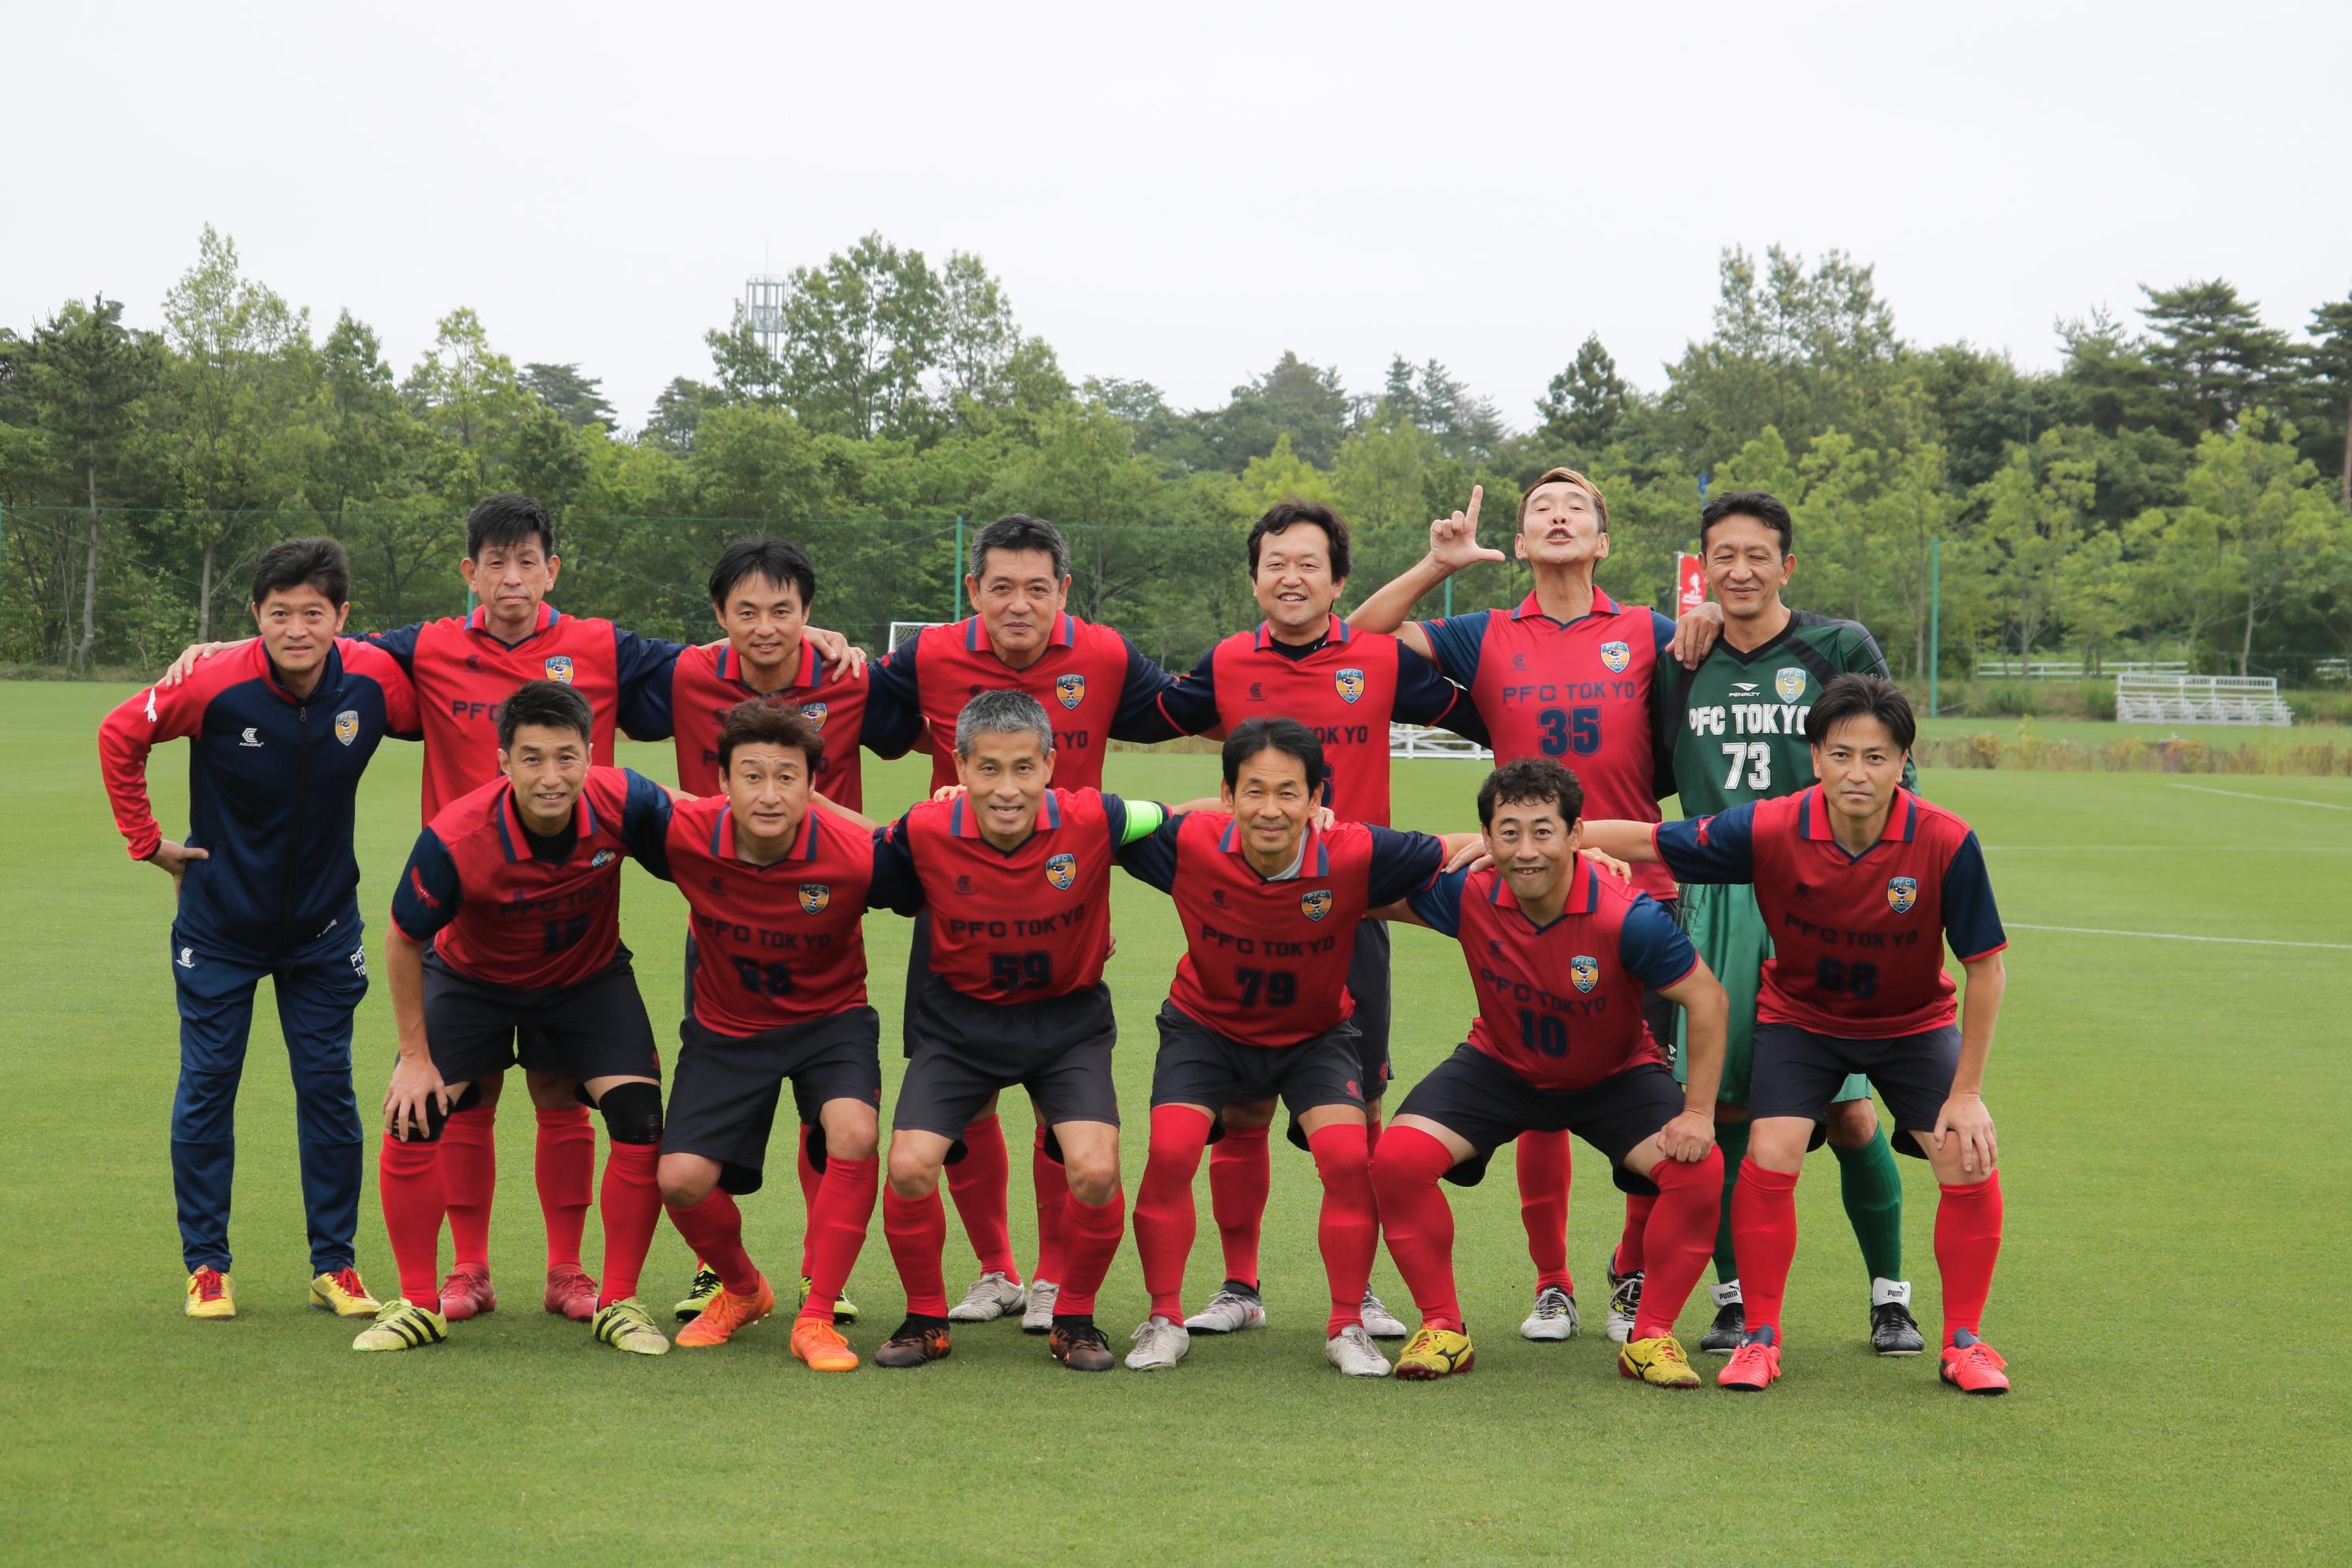 2019/6/29(土)~30(日) 第1回 J-VILLAGE シニアサッカー大会(O-50)